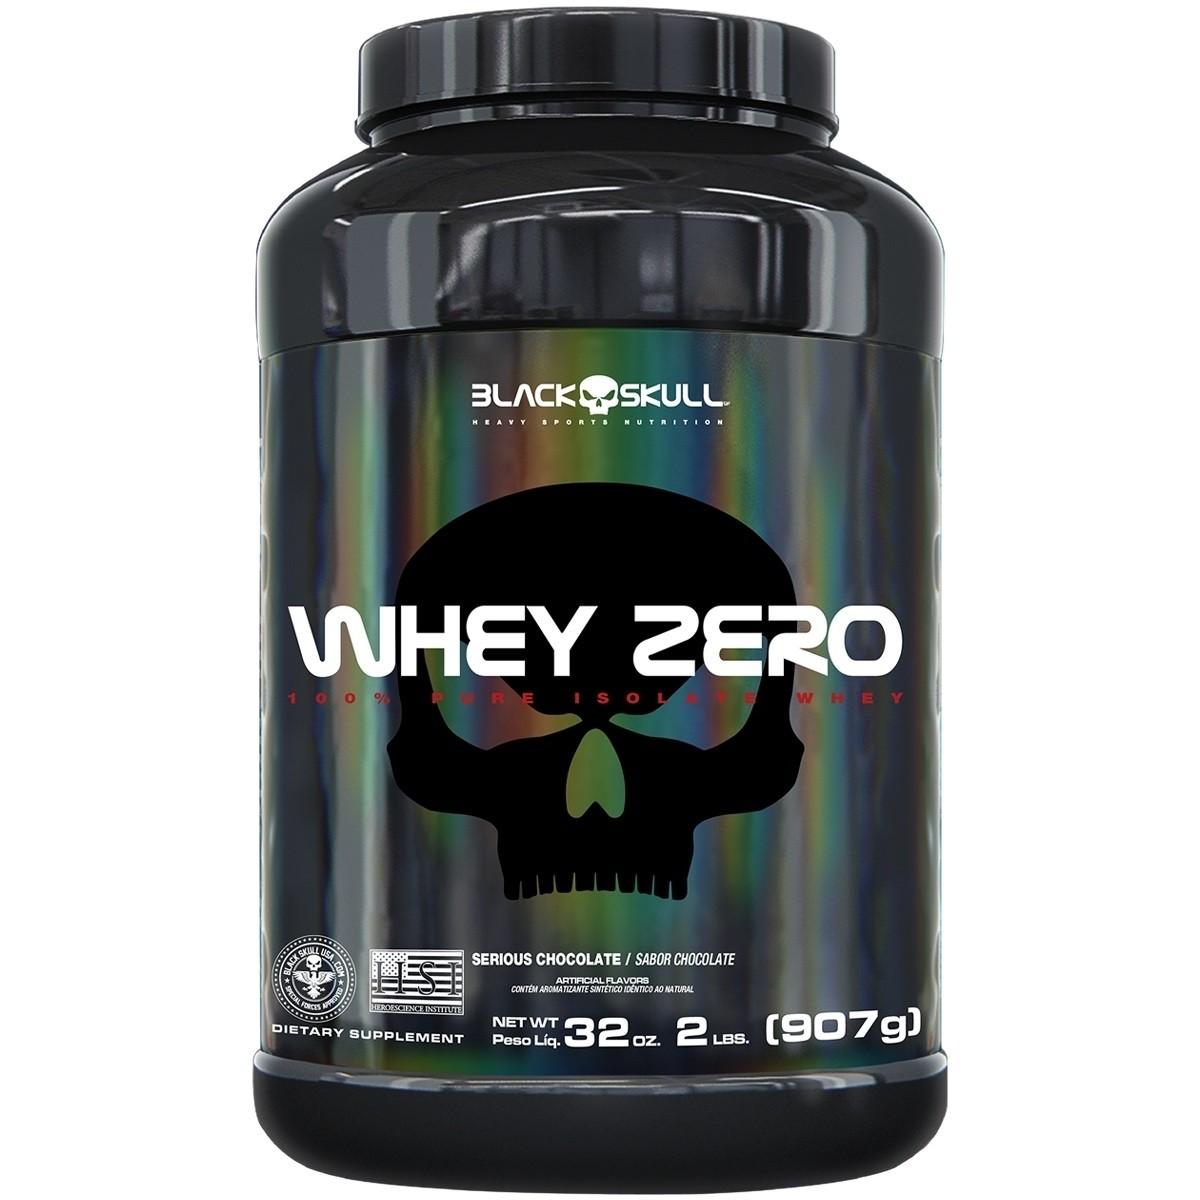 Whey Zero Black Skull - 907g